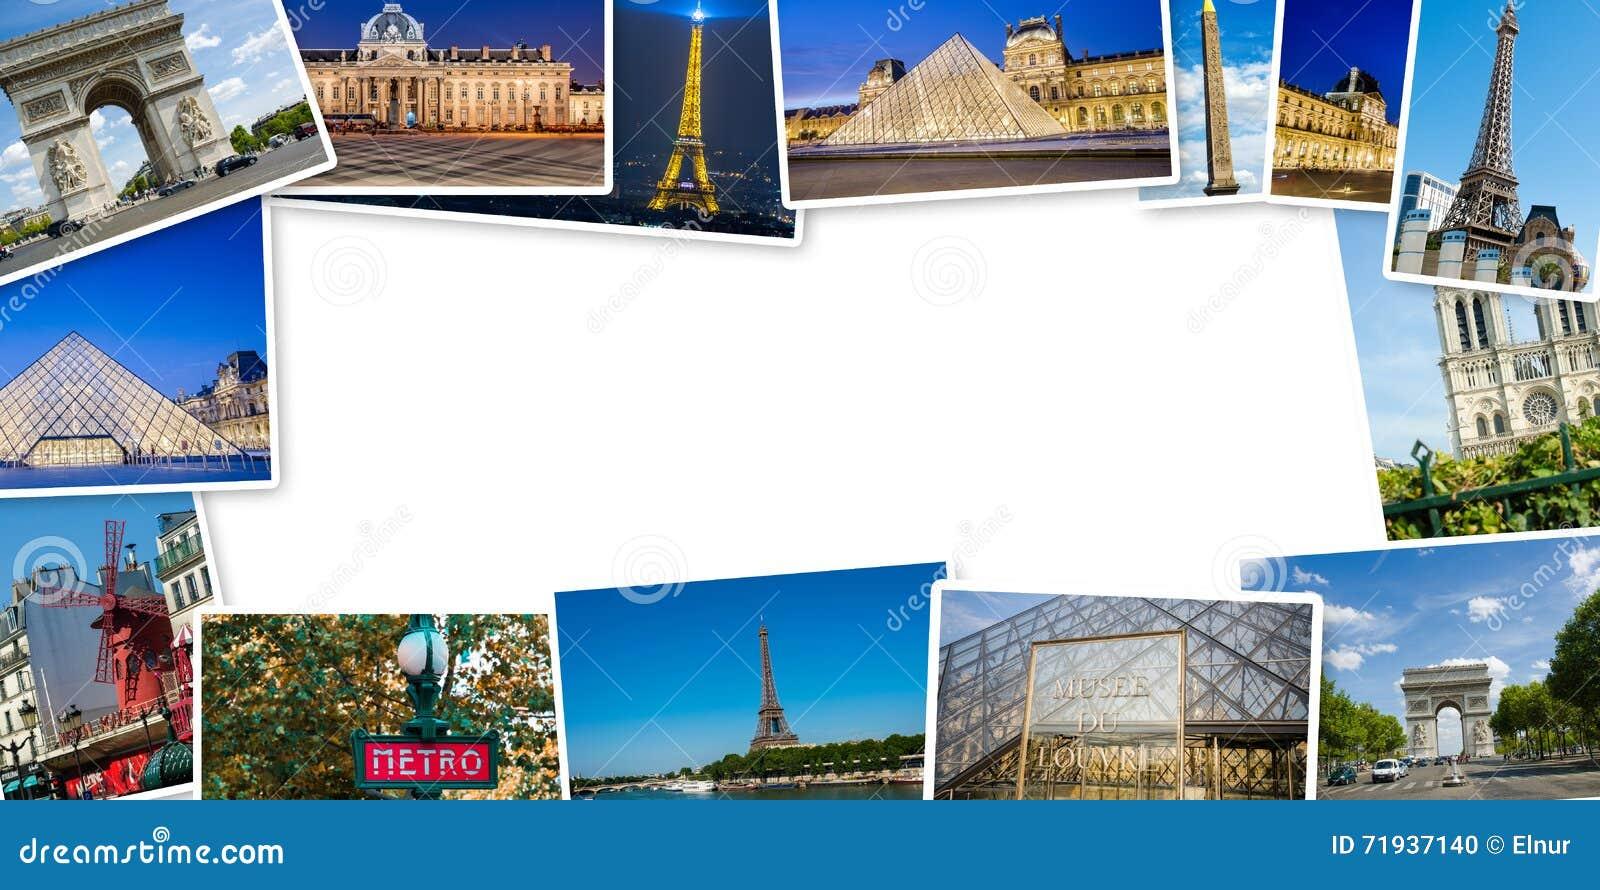 ПАРИЖ - 12-ОЕ ИЮЛЯ 2013: Эйфелева башня 12-ого июля 2013 в Париже e